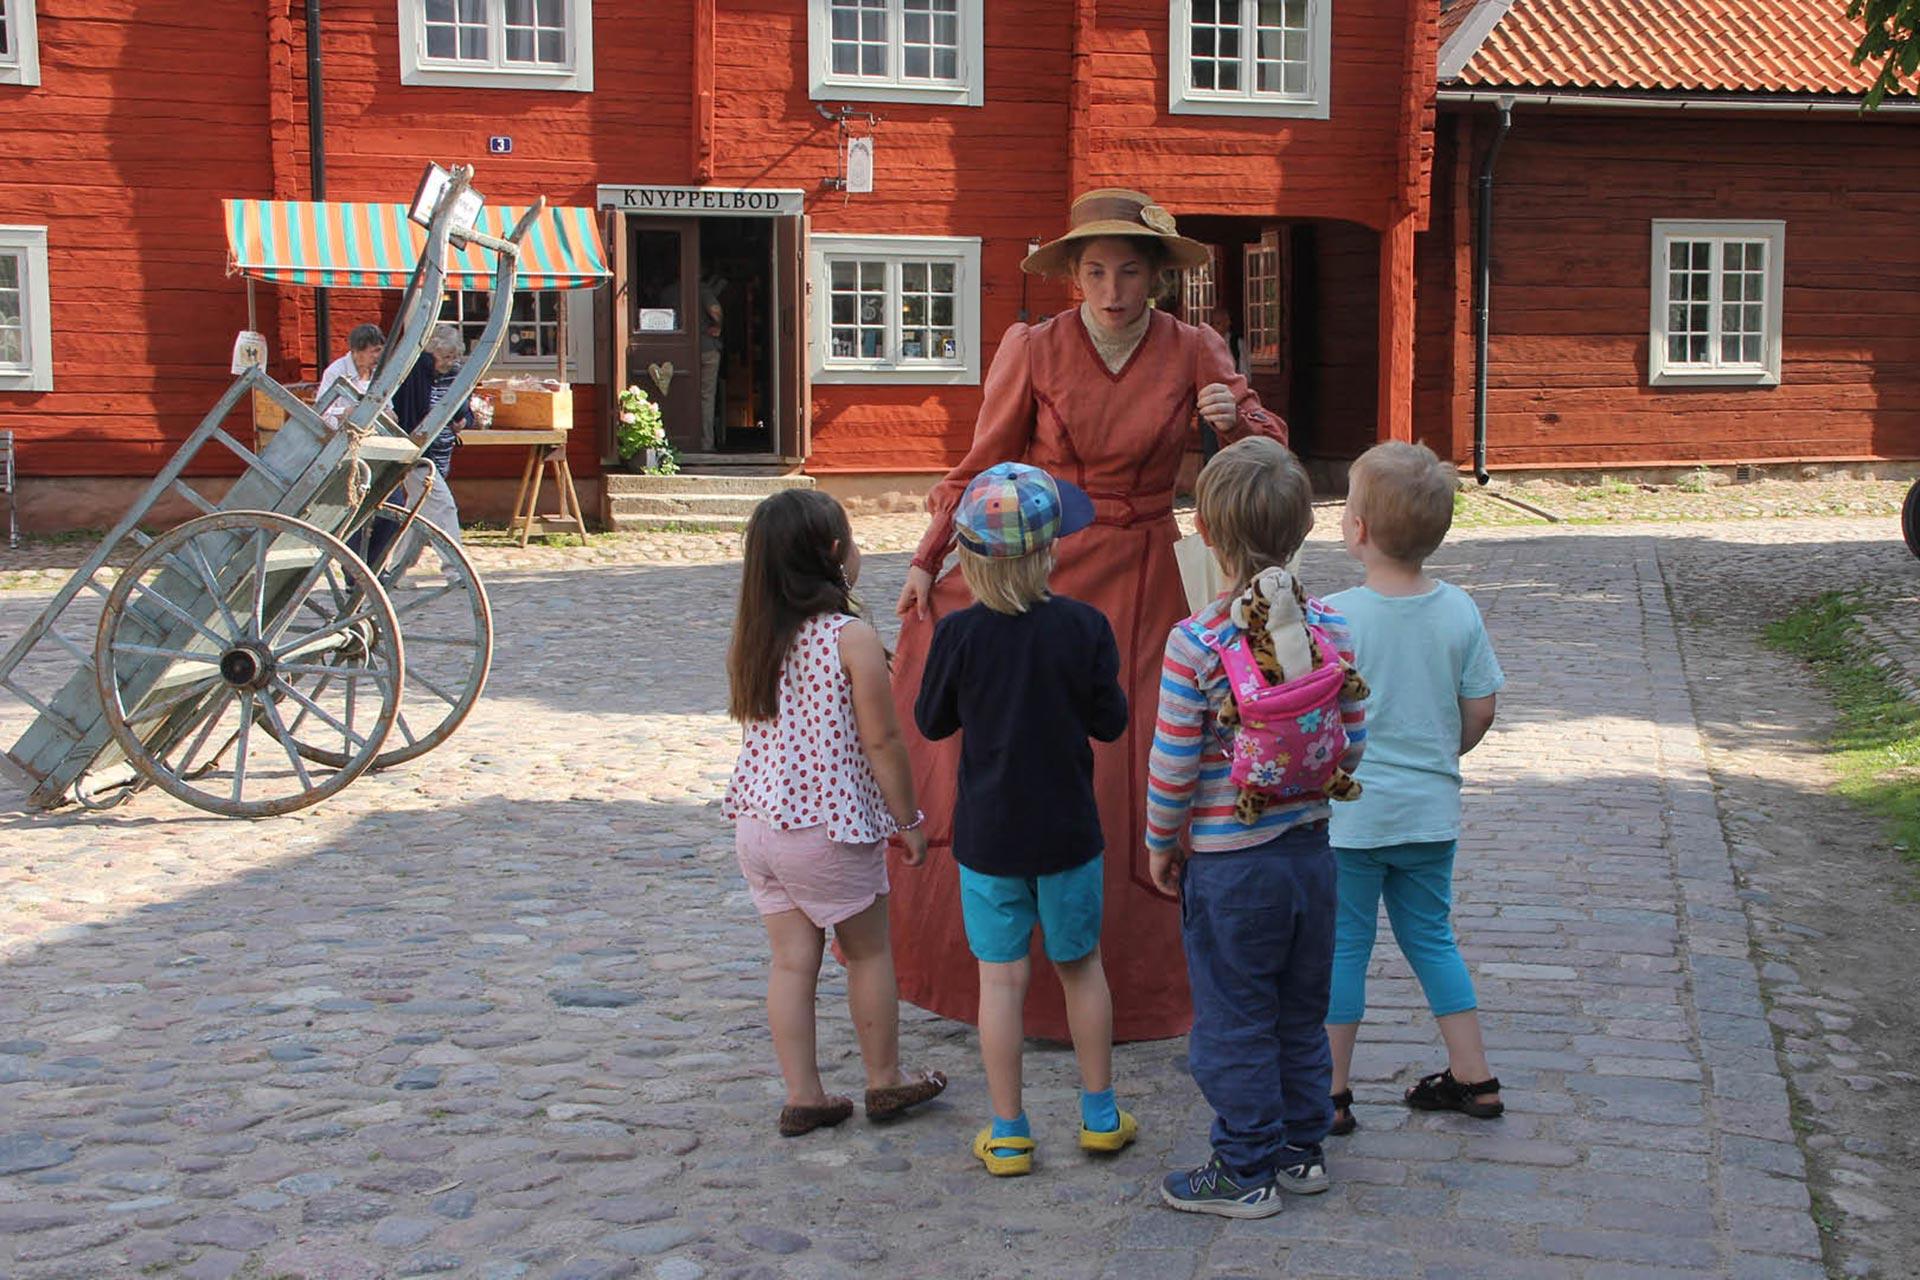 En kvinna hade kläder från förr och barn i ring framför henne.